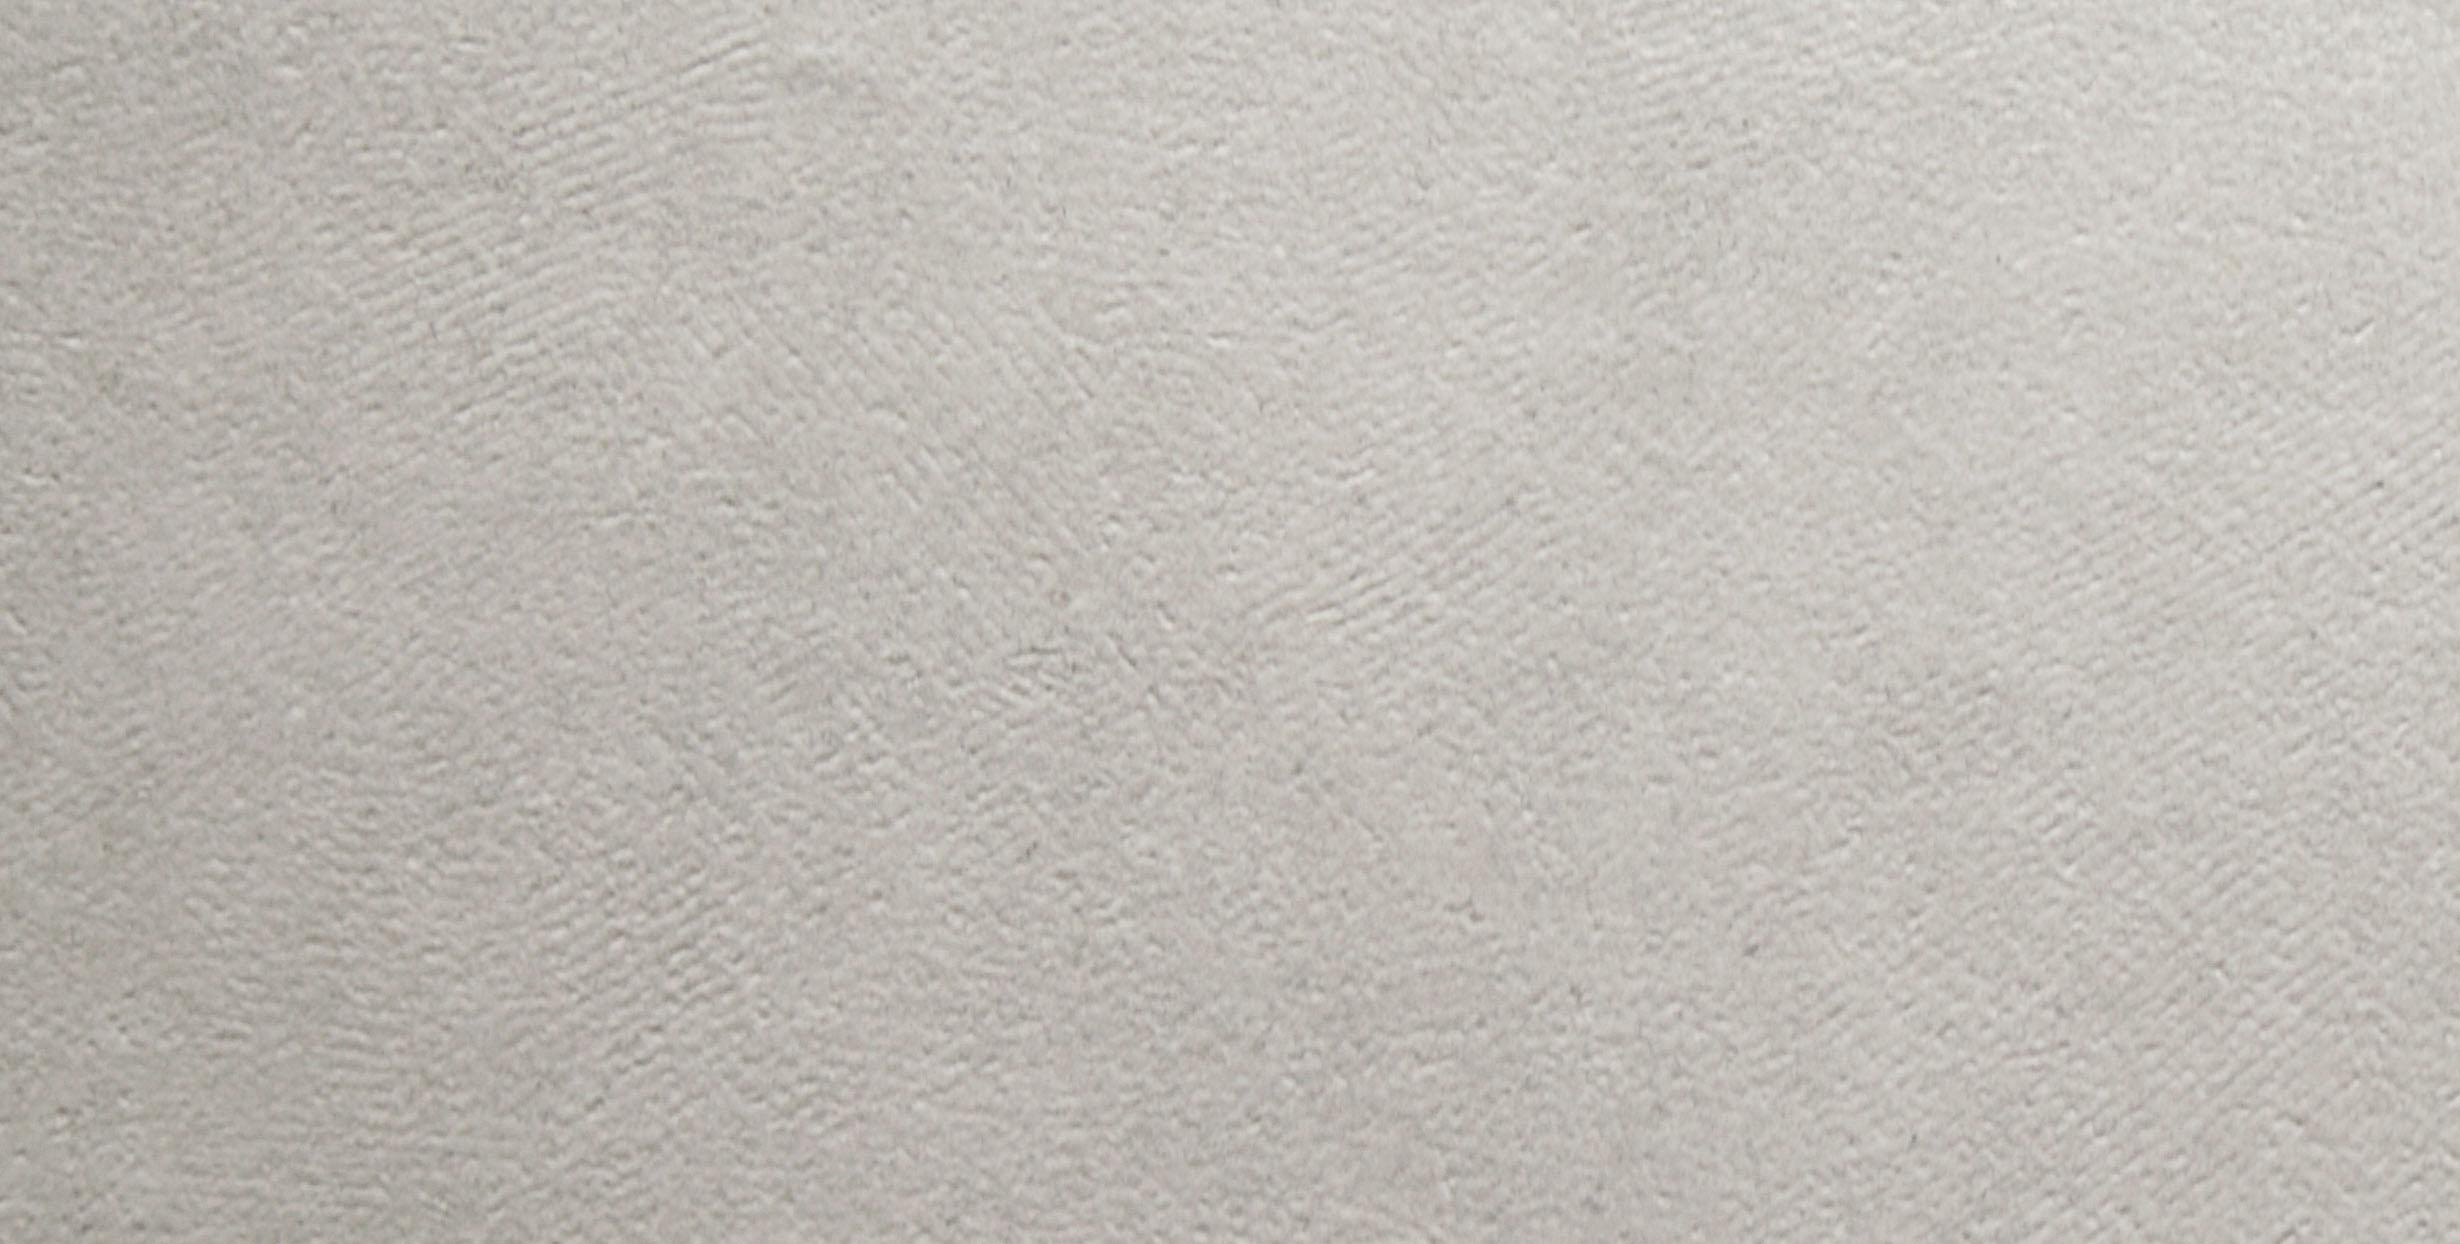 Stratus Ceramic Tiles